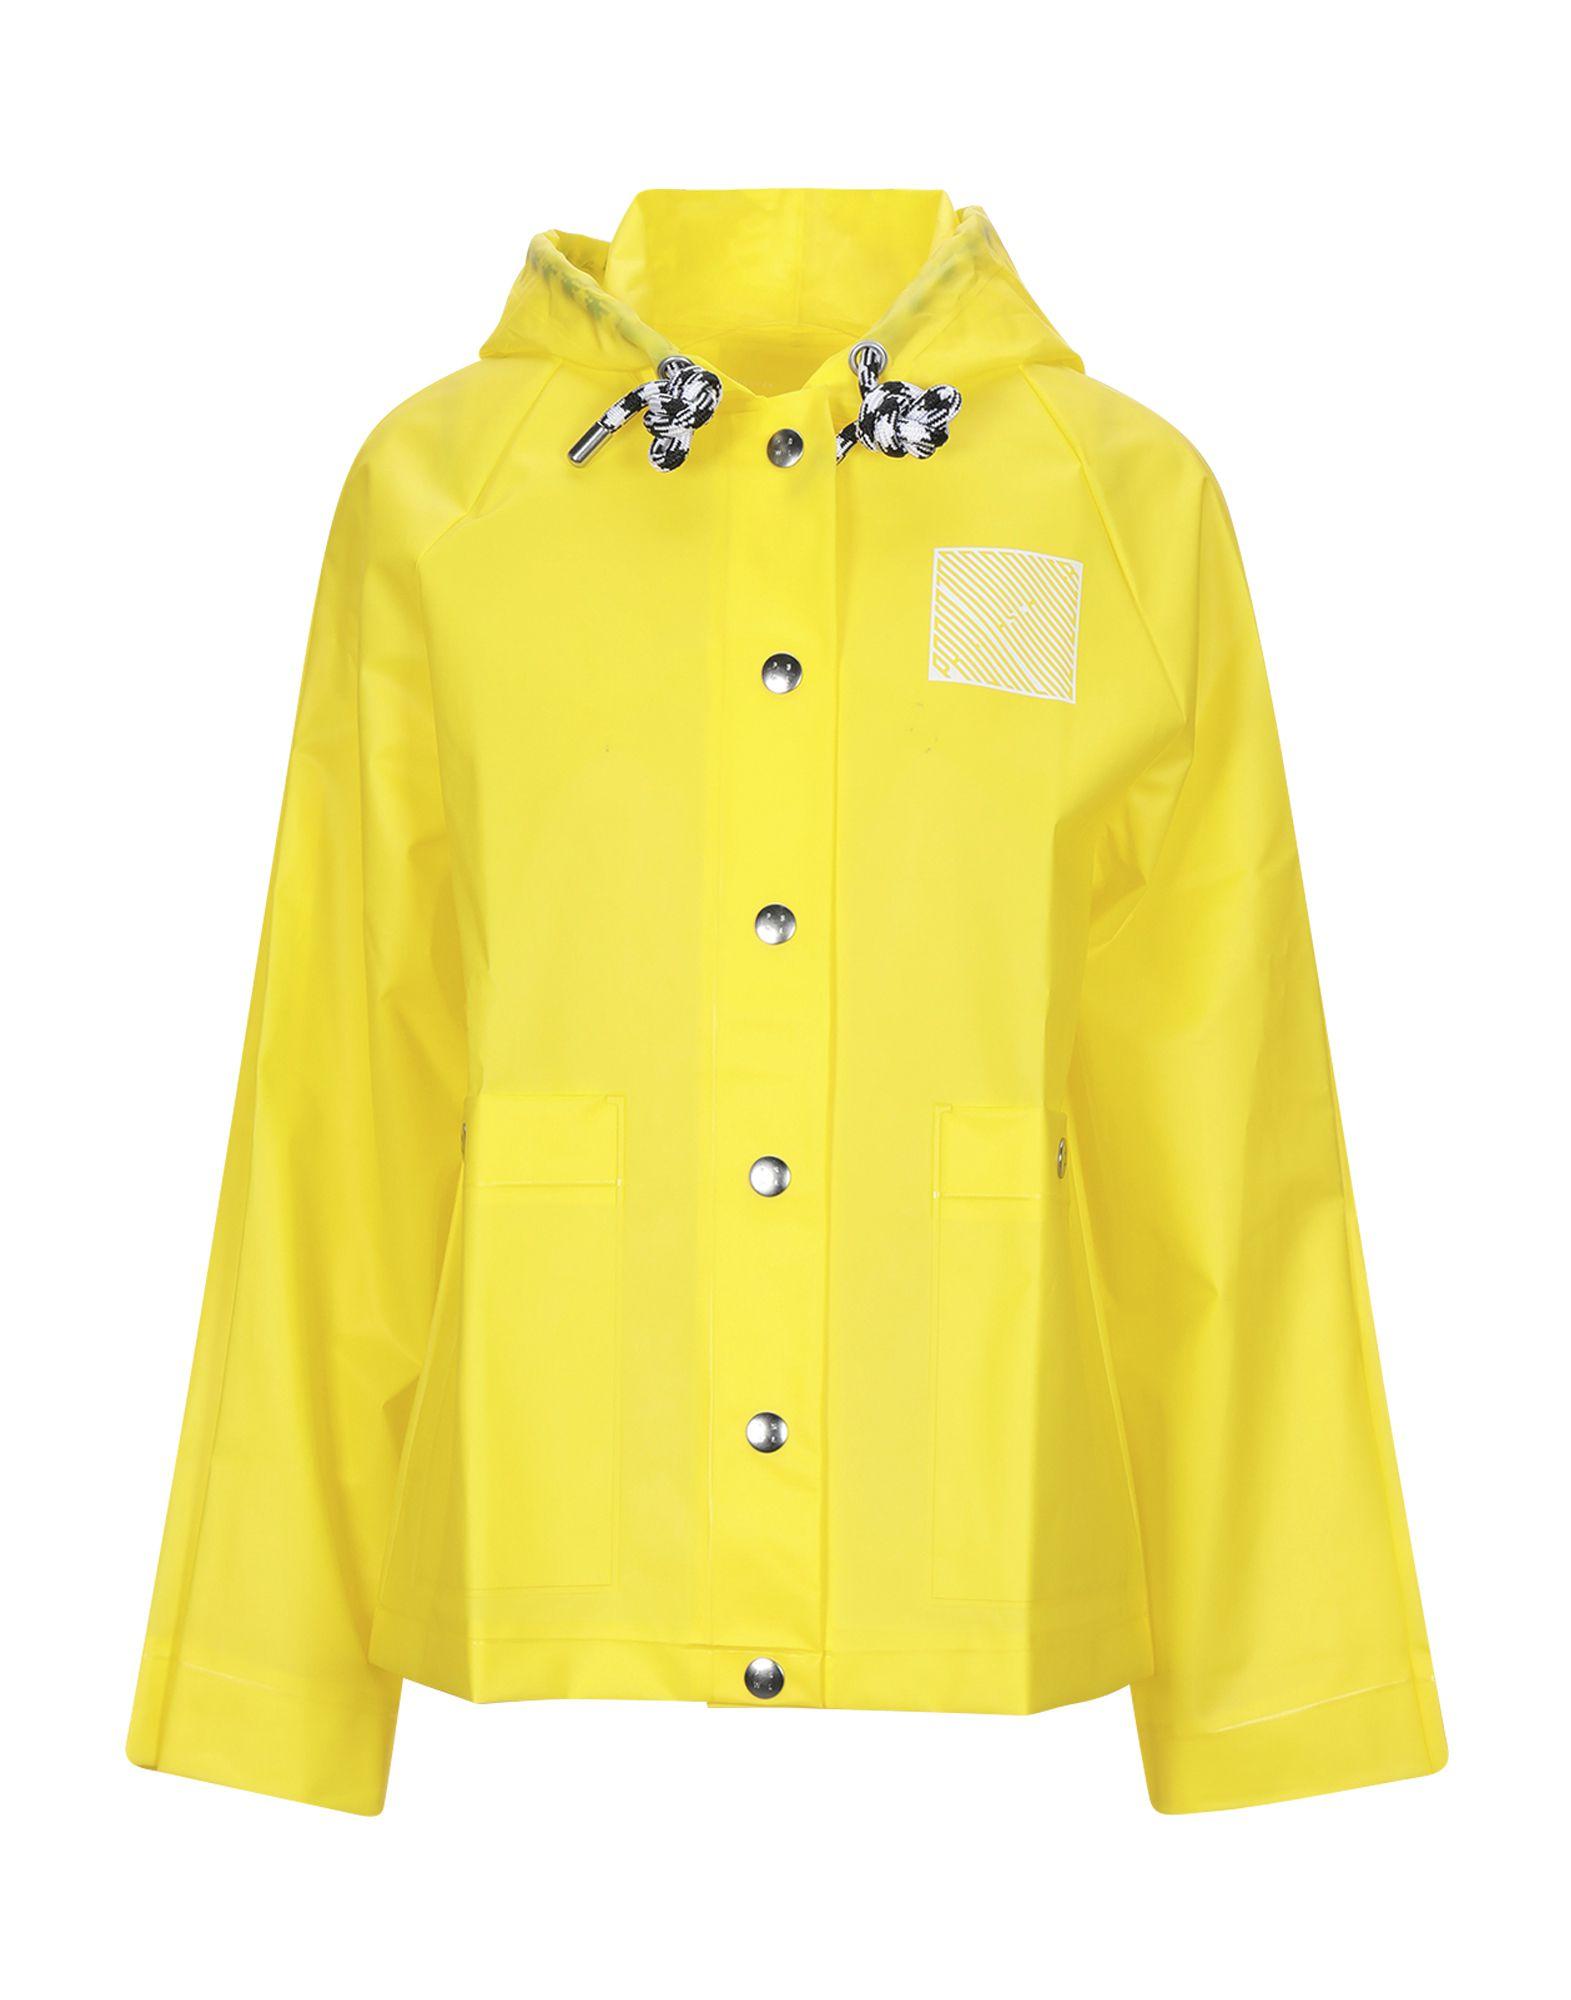 PROENZA SCHOULER Jackets - Item 41964926